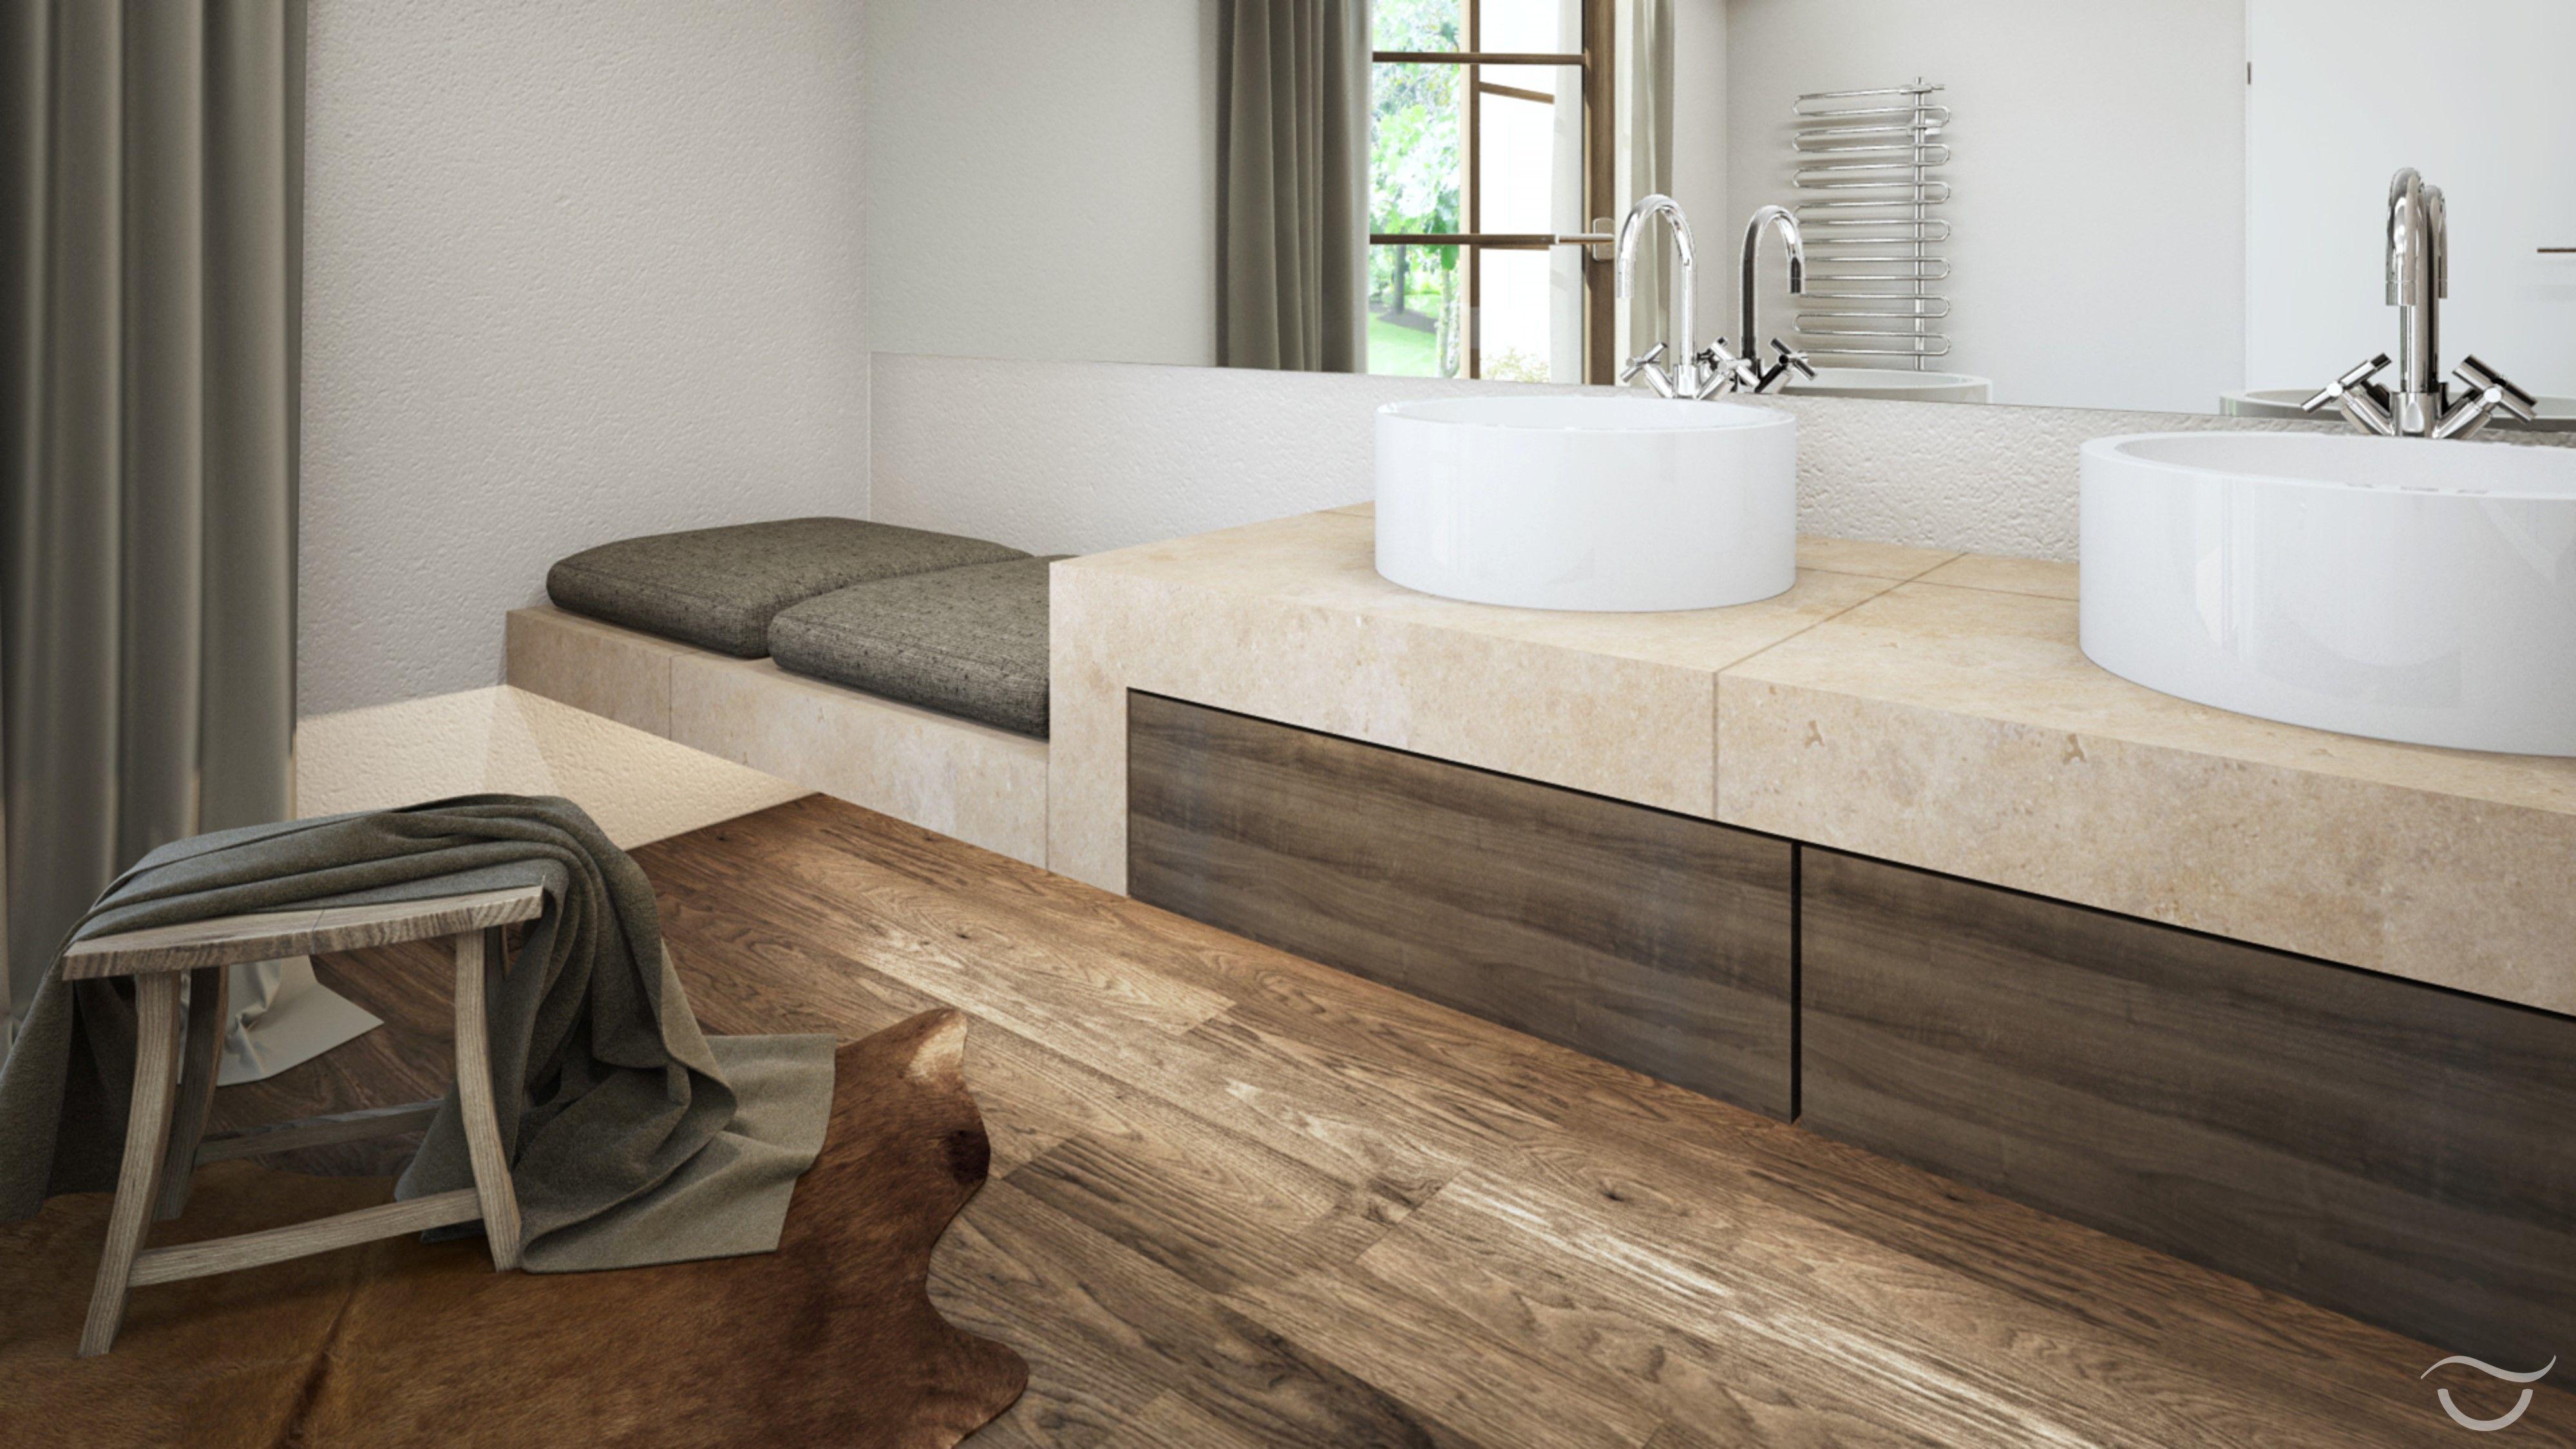 Holzfußboden Bad ~ Rustikales badezimmer design mit holzboden: ein fellteppich im bad